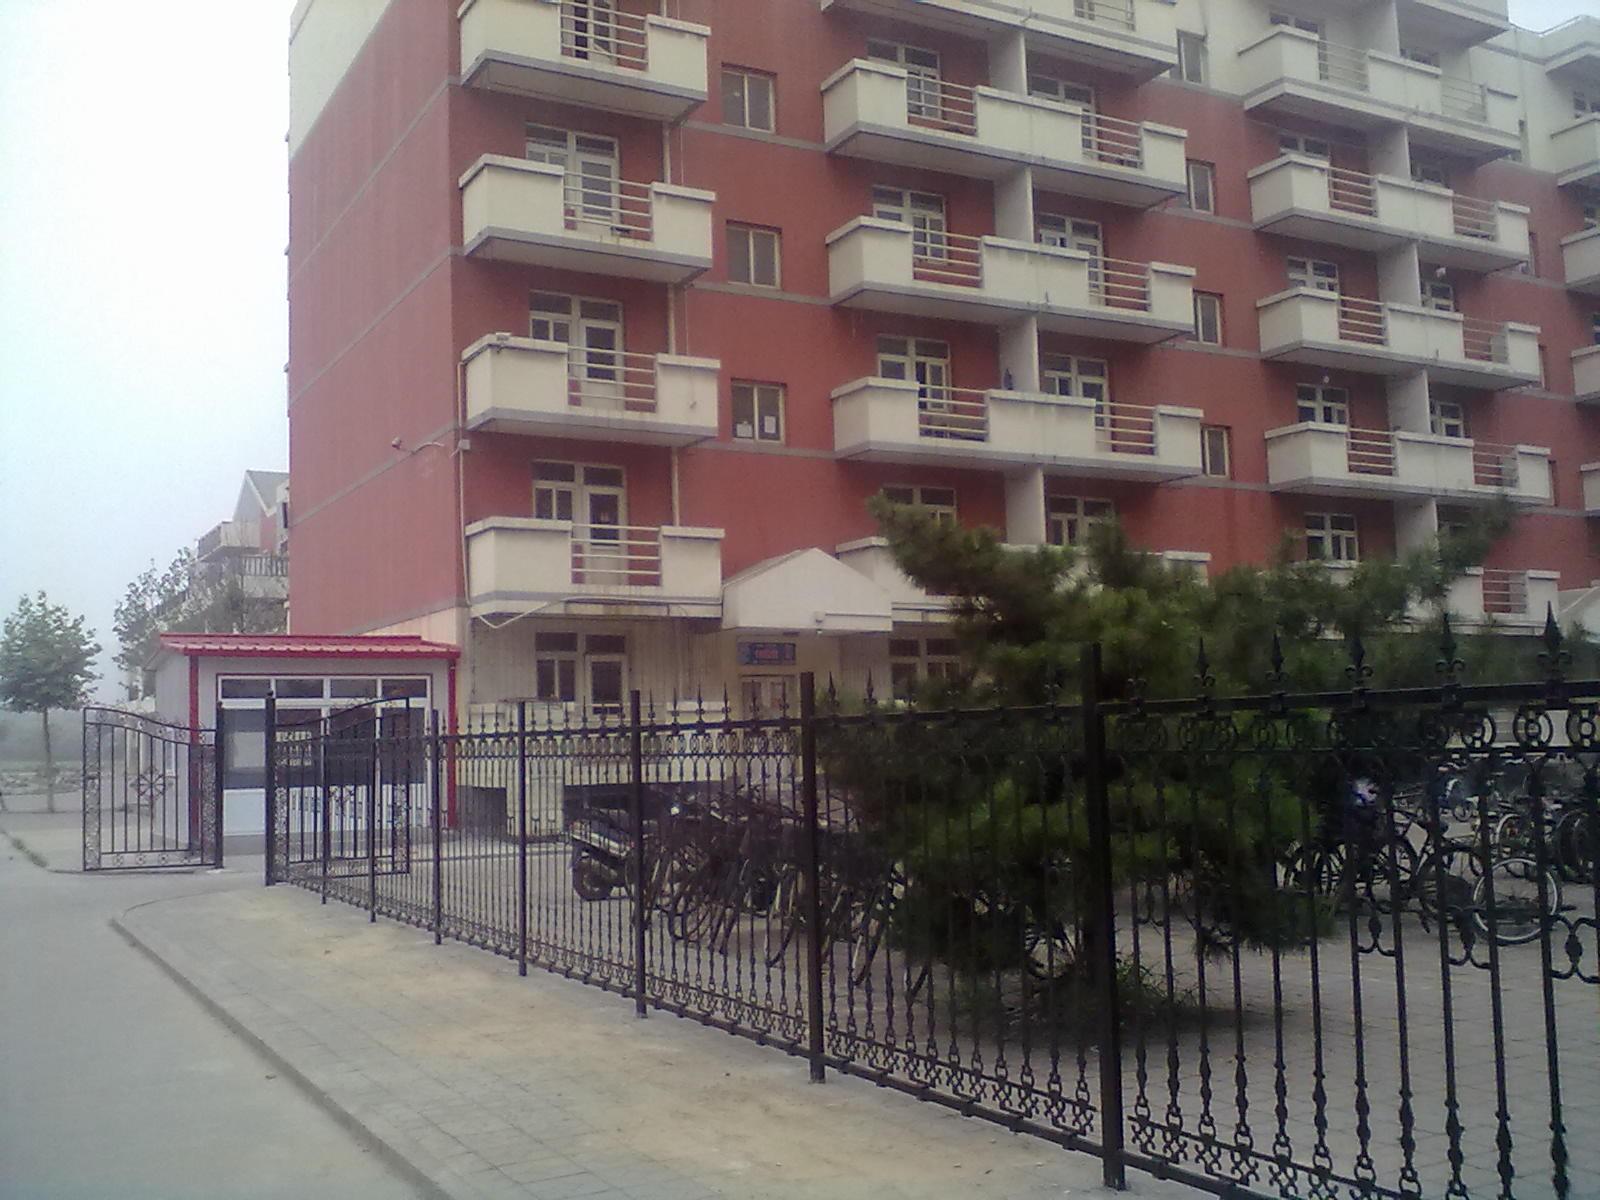 听所 公寓村 多了几道防盗门_唐山学院吧_百度贴吧图片